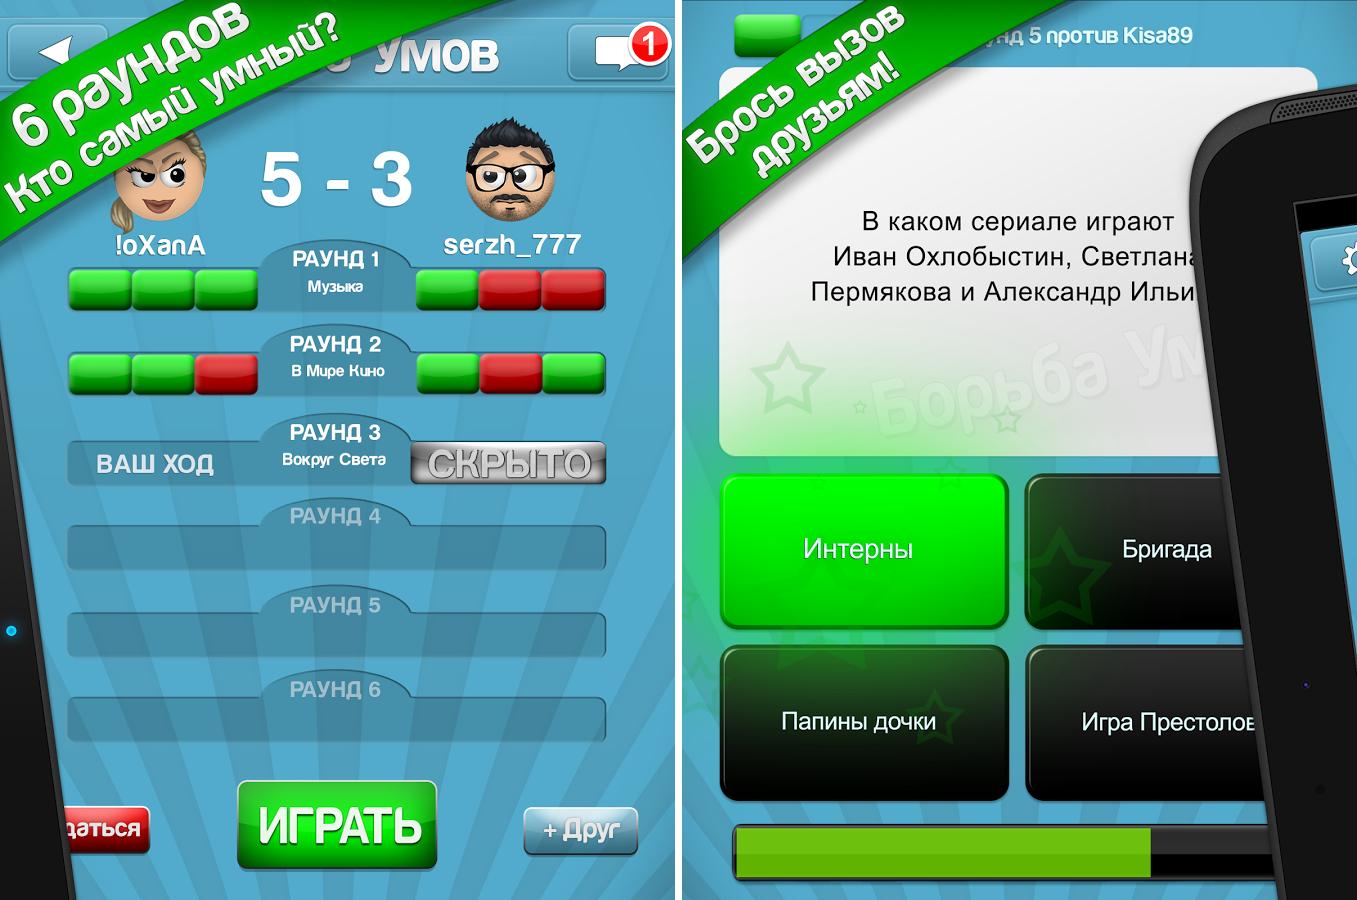 Играть в вулкан на смартфоне Ужу поставить приложение Вулкан играть на телефон Алдом загрузить